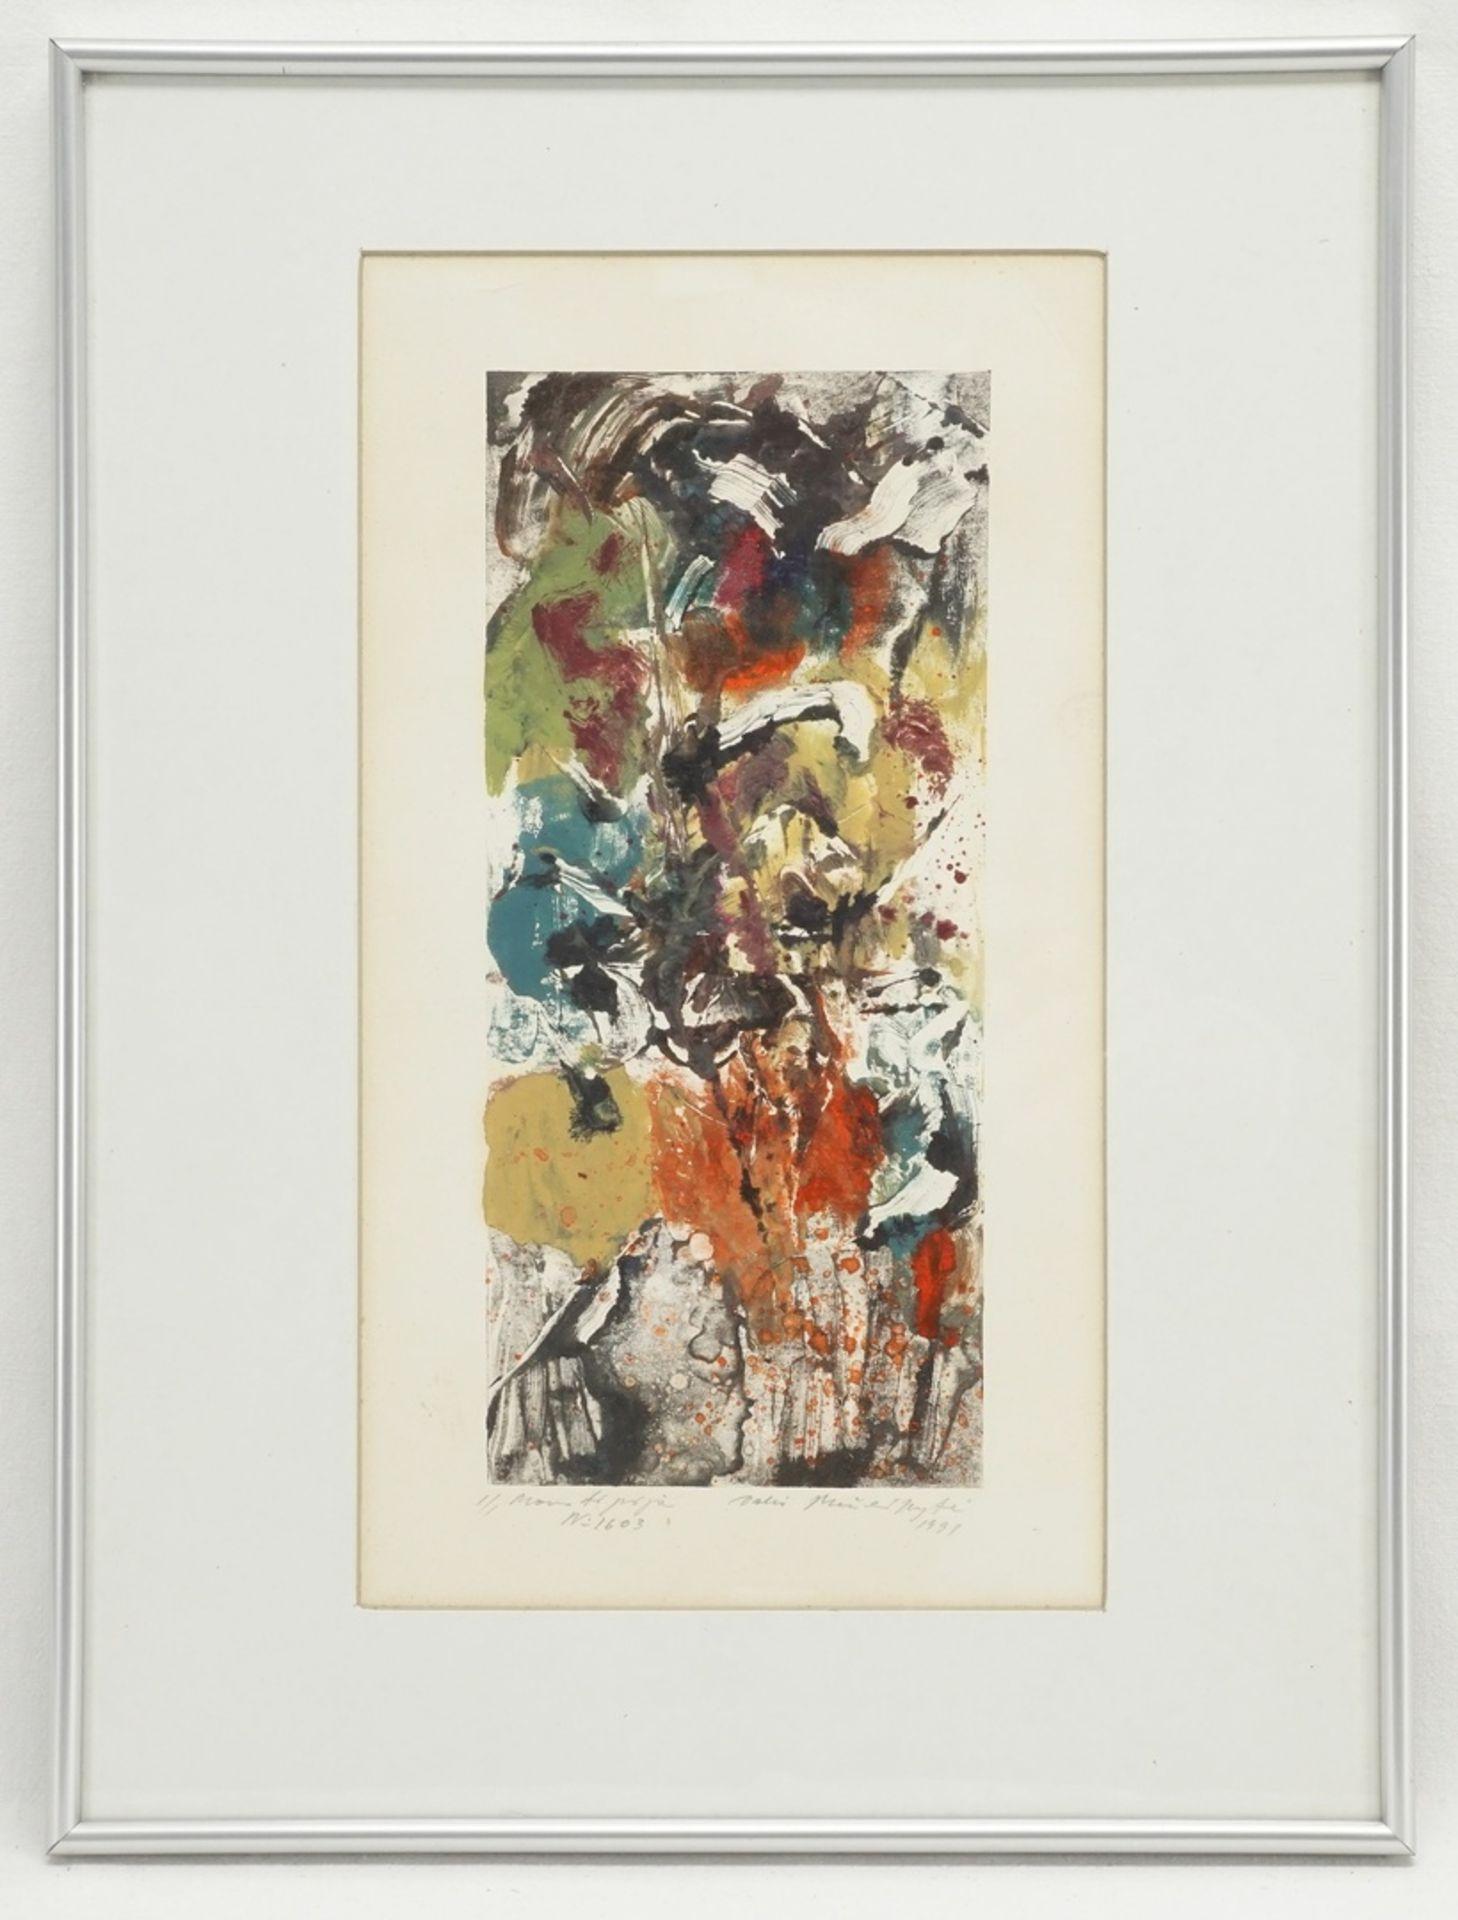 Unbekannter Künstler, drei informelle Kompositionen - Bild 4 aus 4